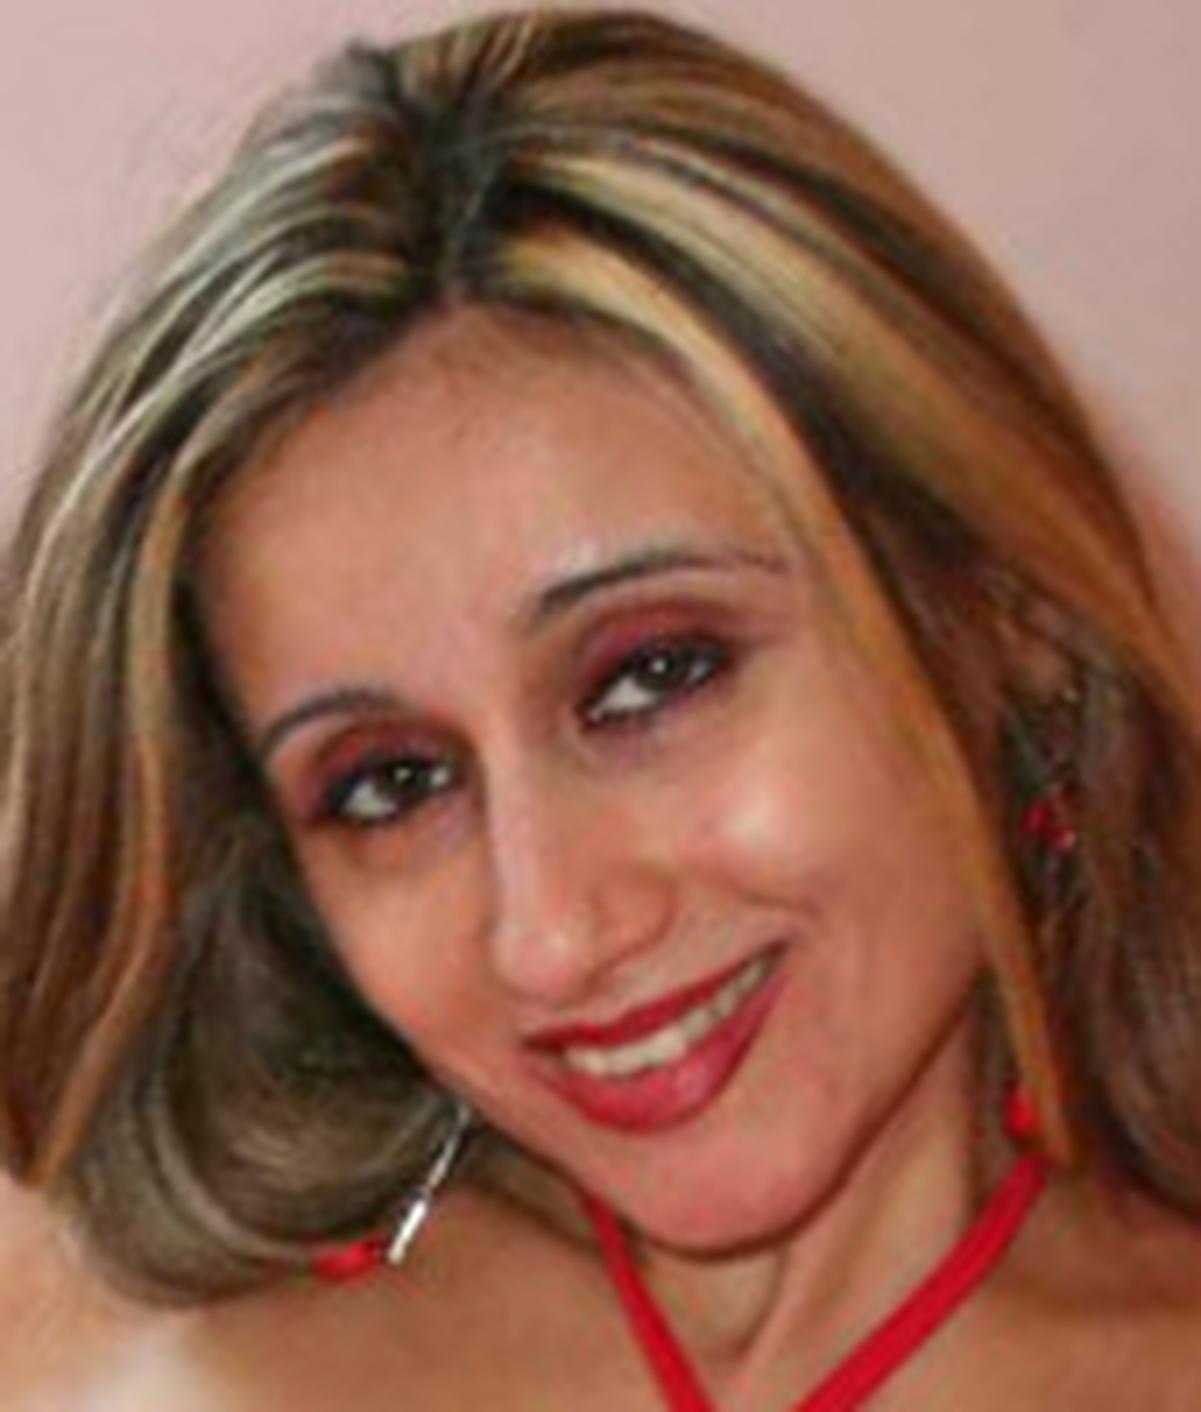 Michelle De Nere